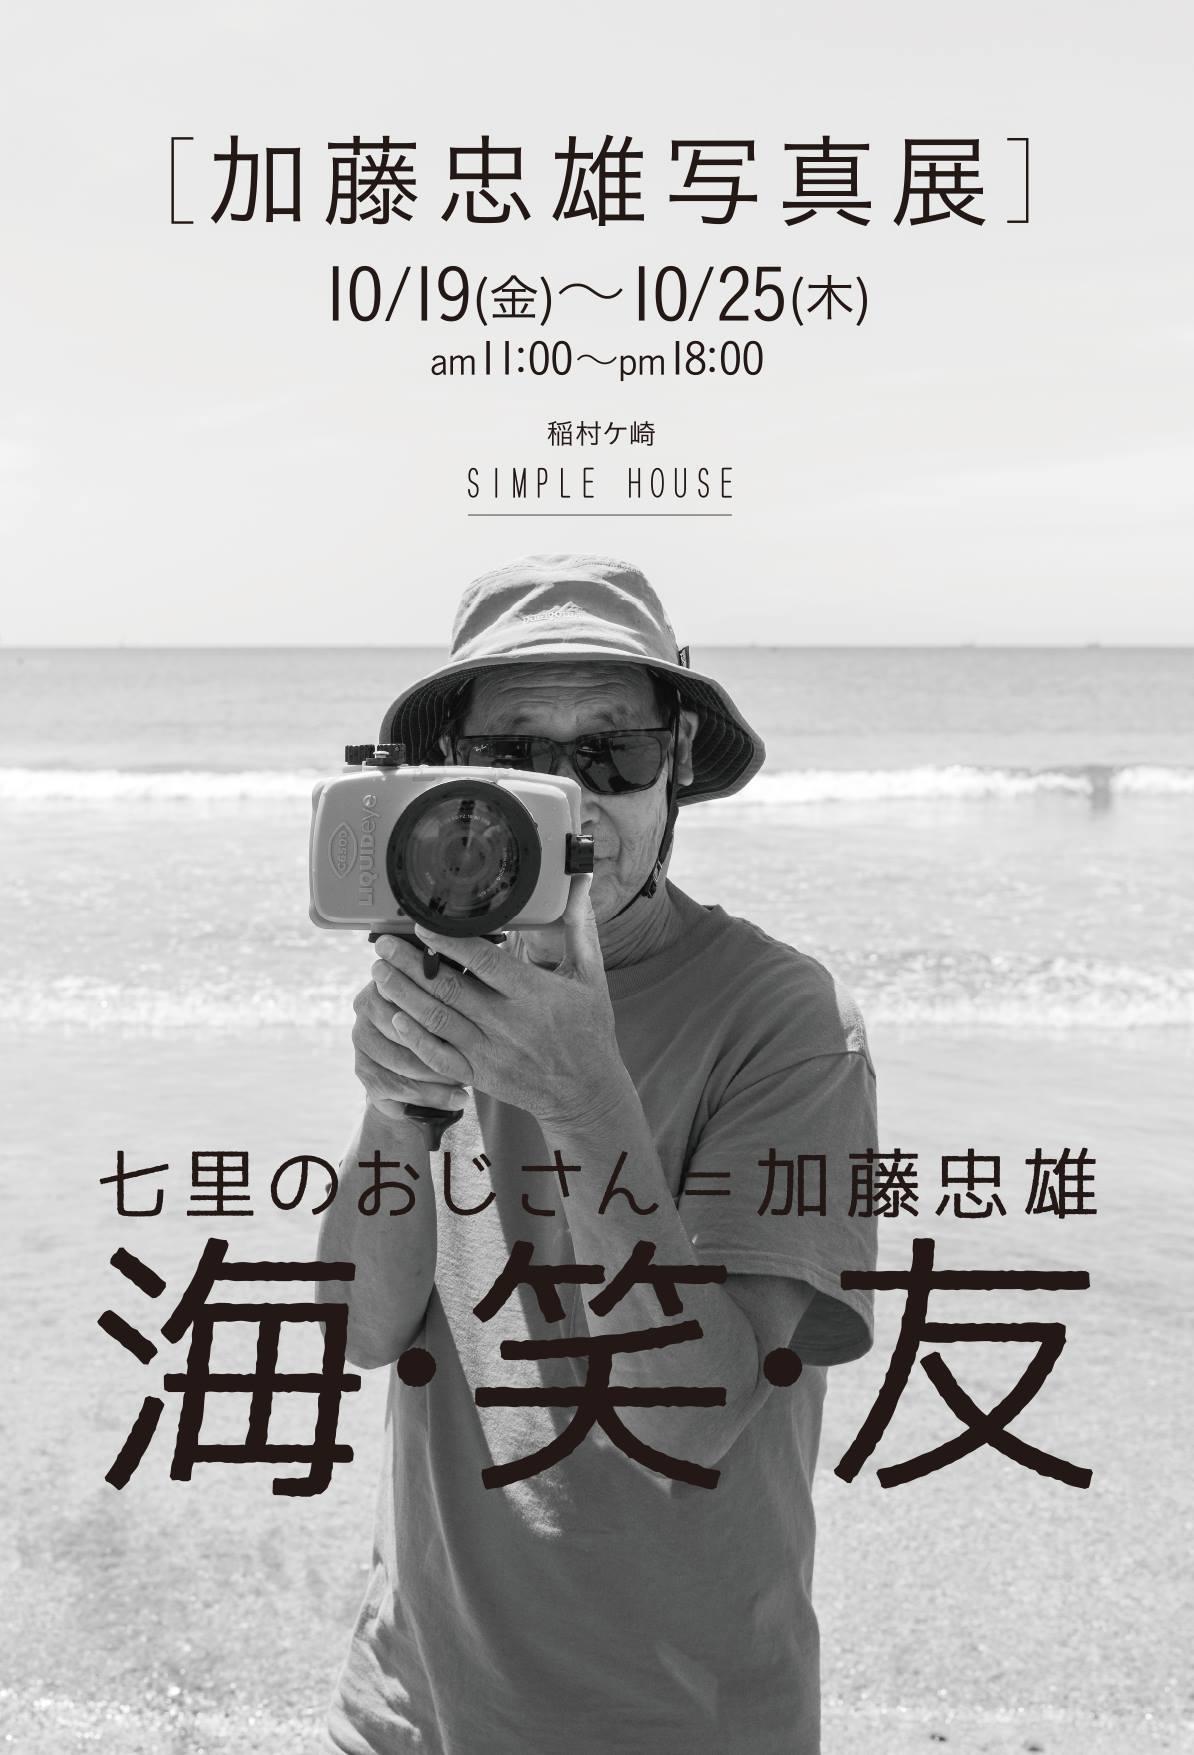 加藤忠雄写真展 海・笑・友